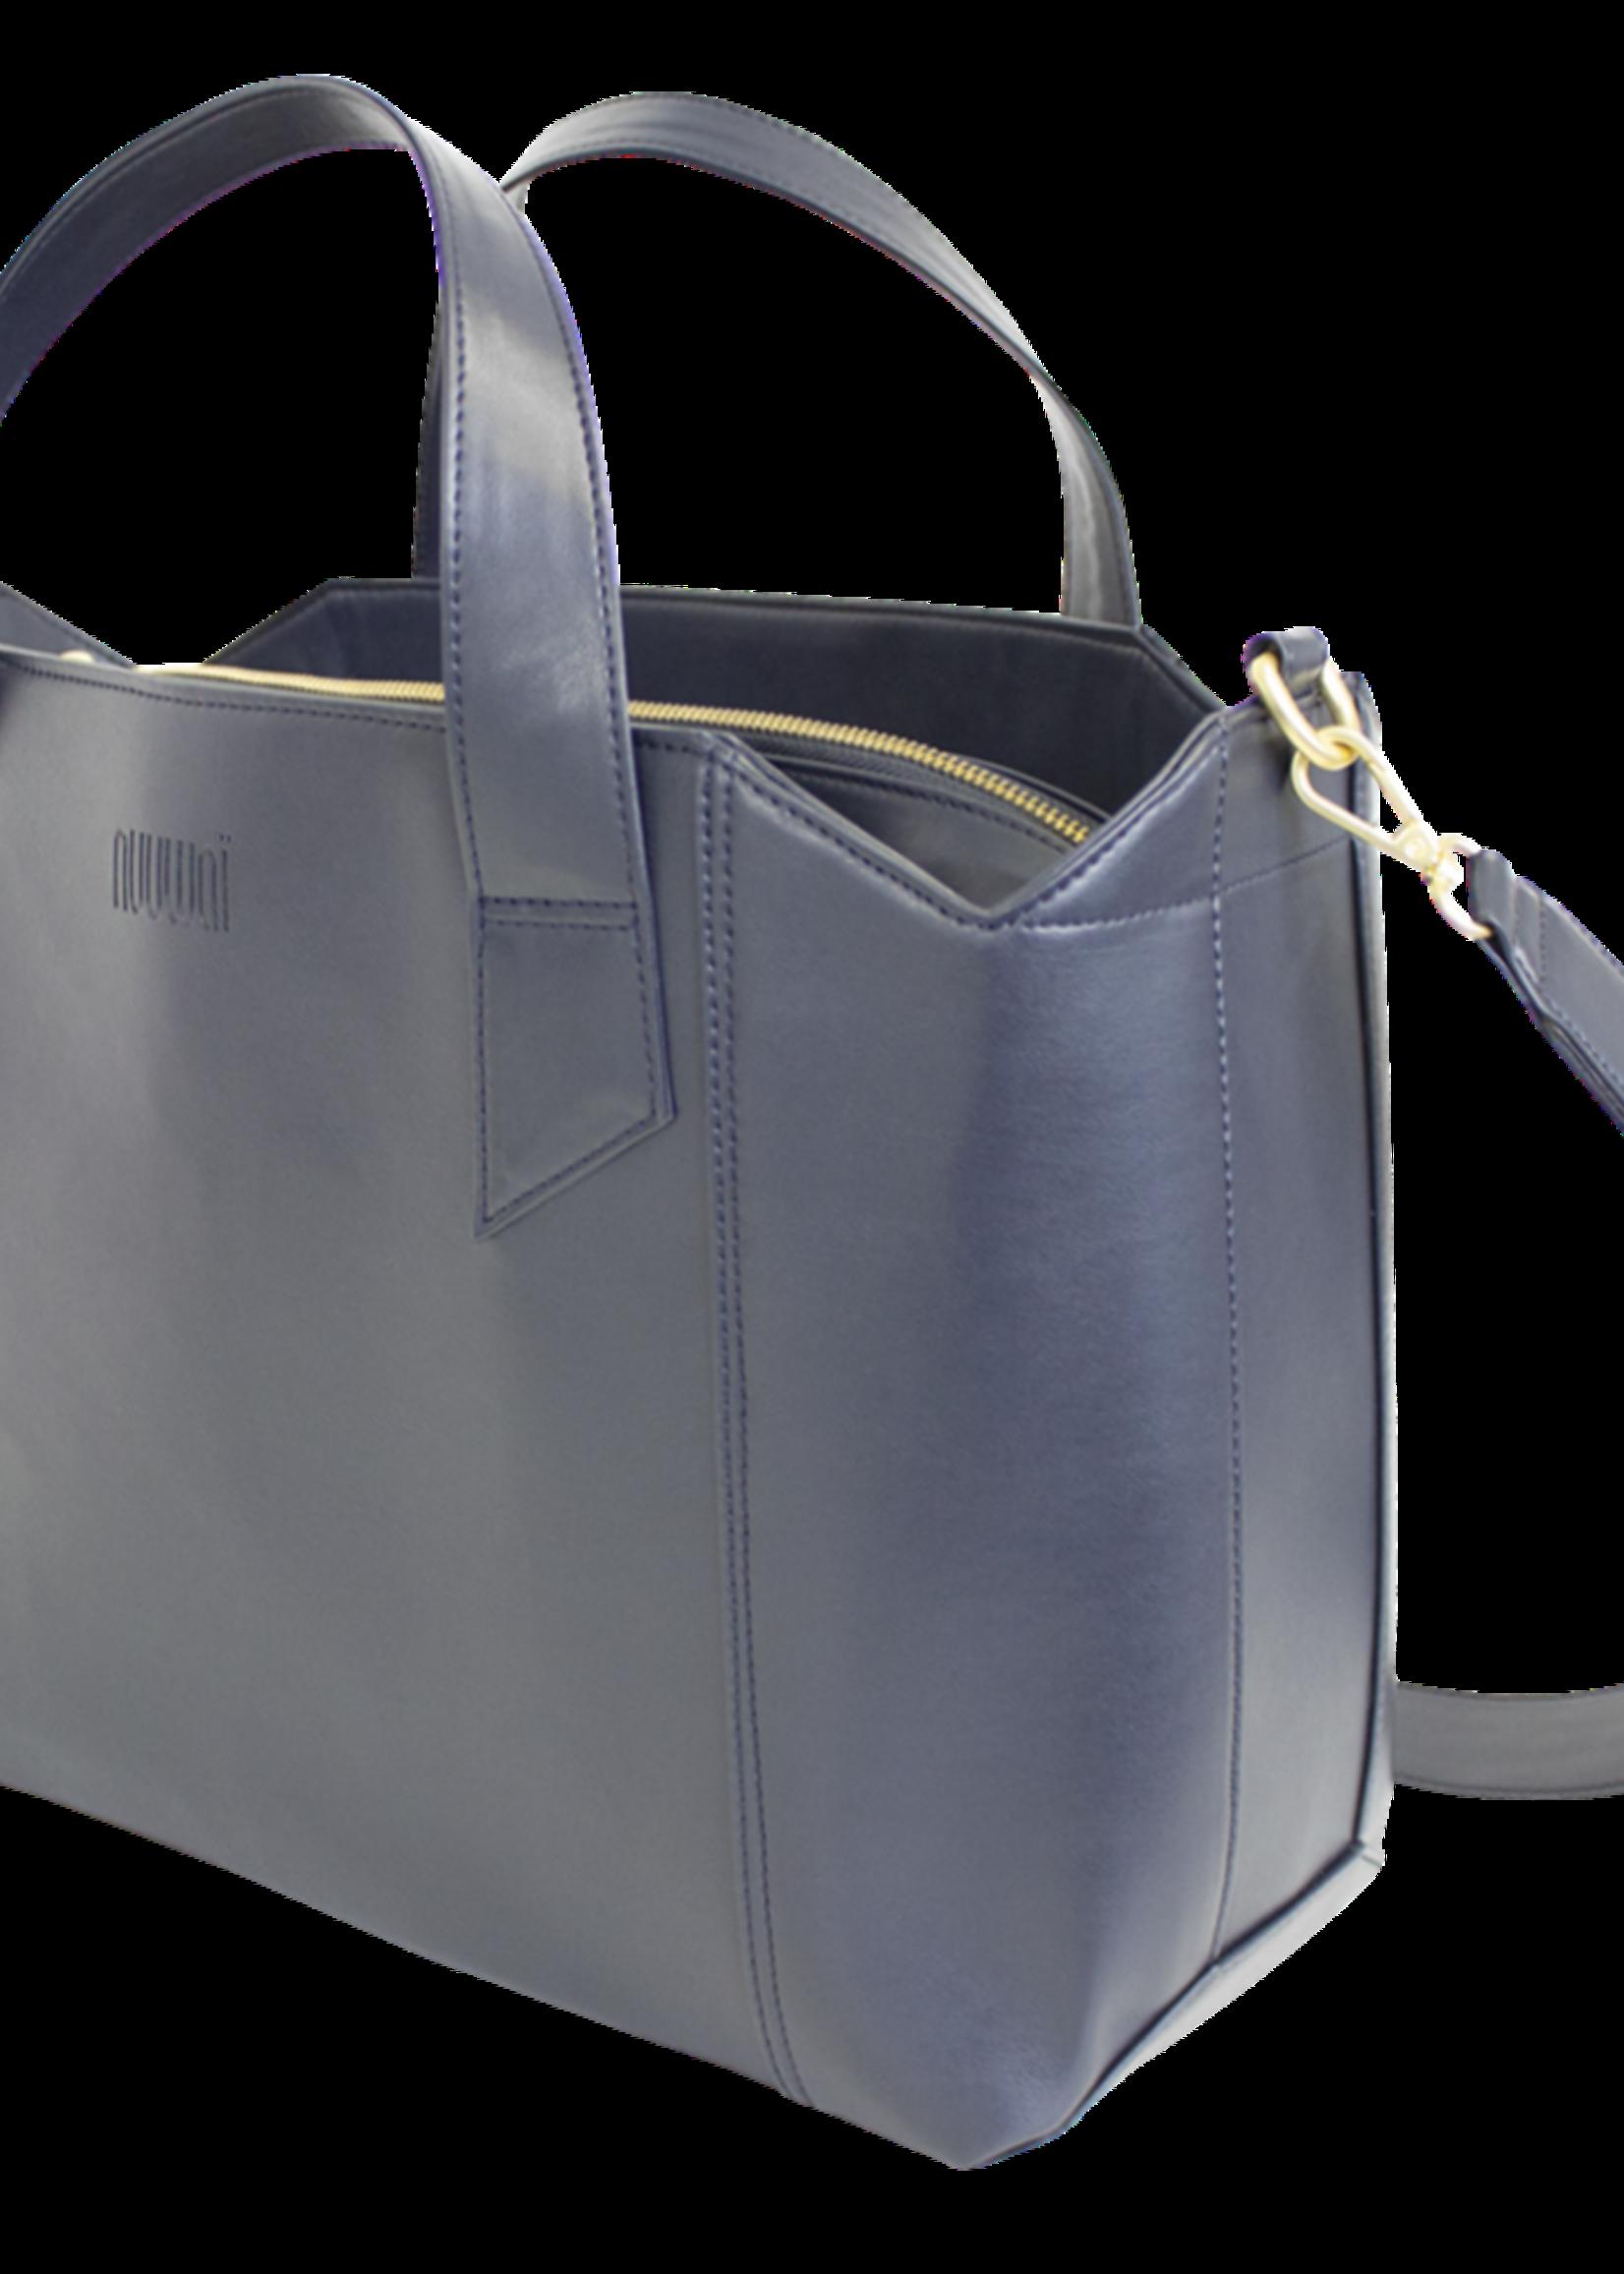 Nuuwaï Liv Buissness Bag